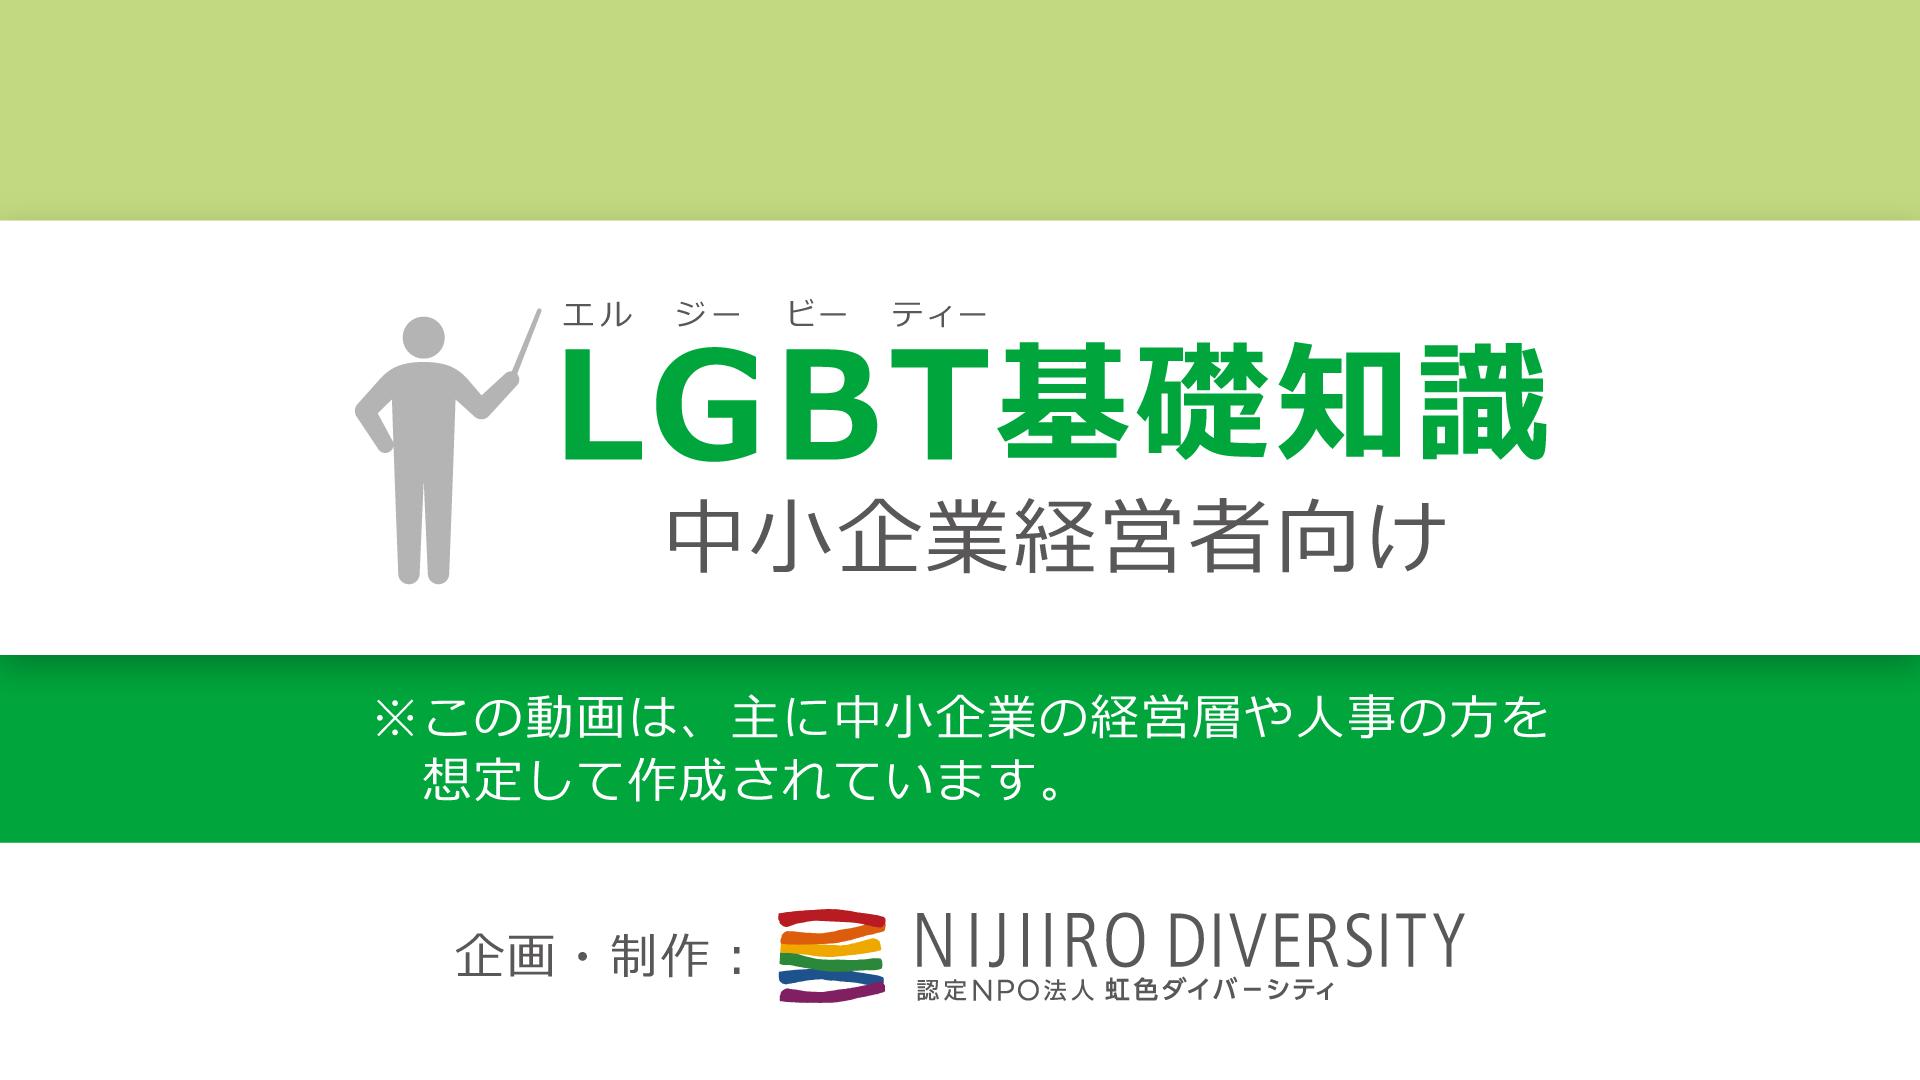 LGBT基礎知識(中小企業向け)